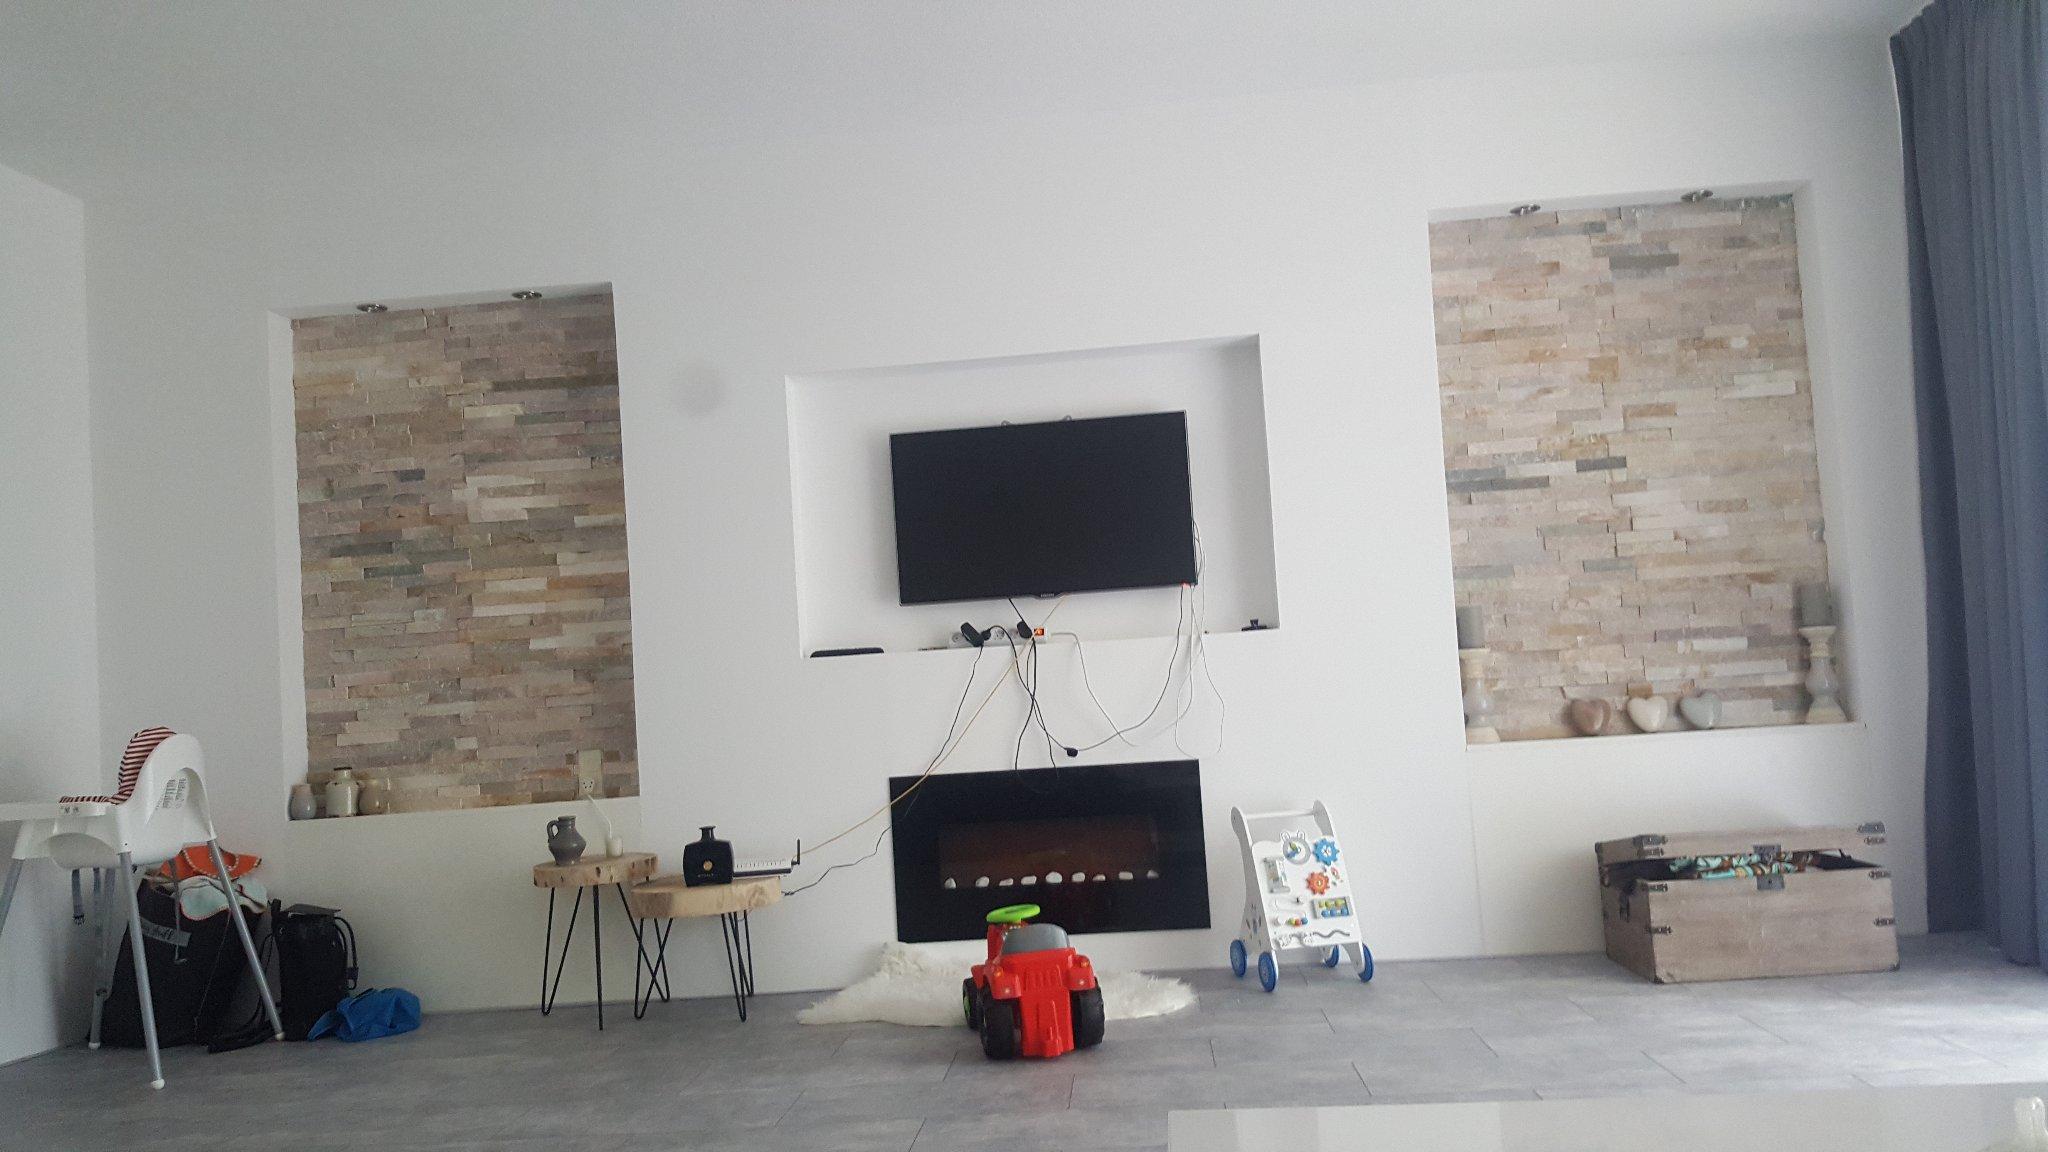 Tv Aan Muur : Tv aan de muur kabels wegwerken